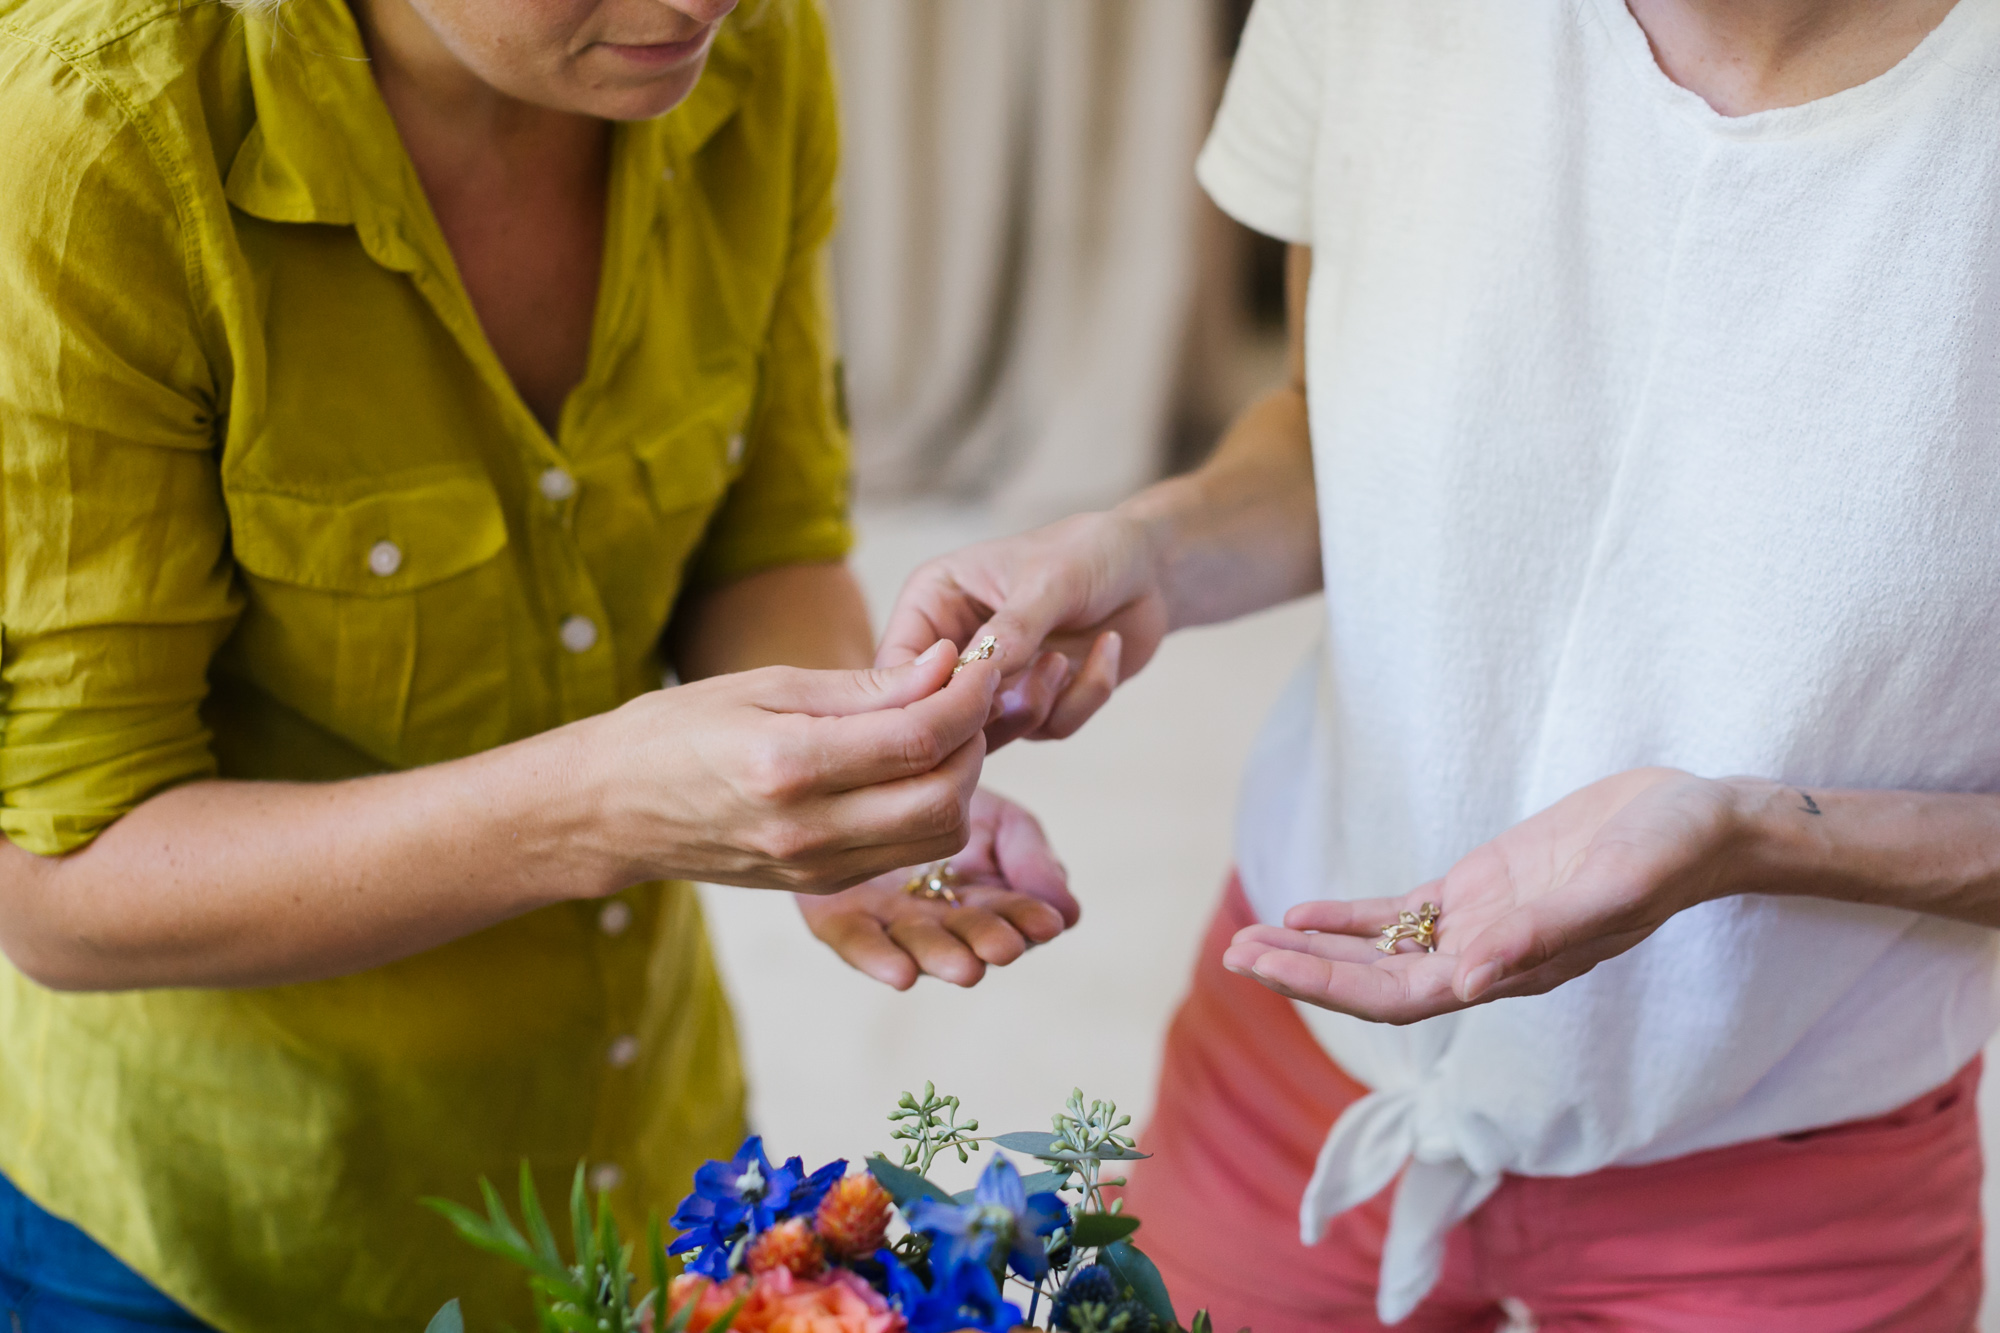 Sister hands bride her wedding jewelry